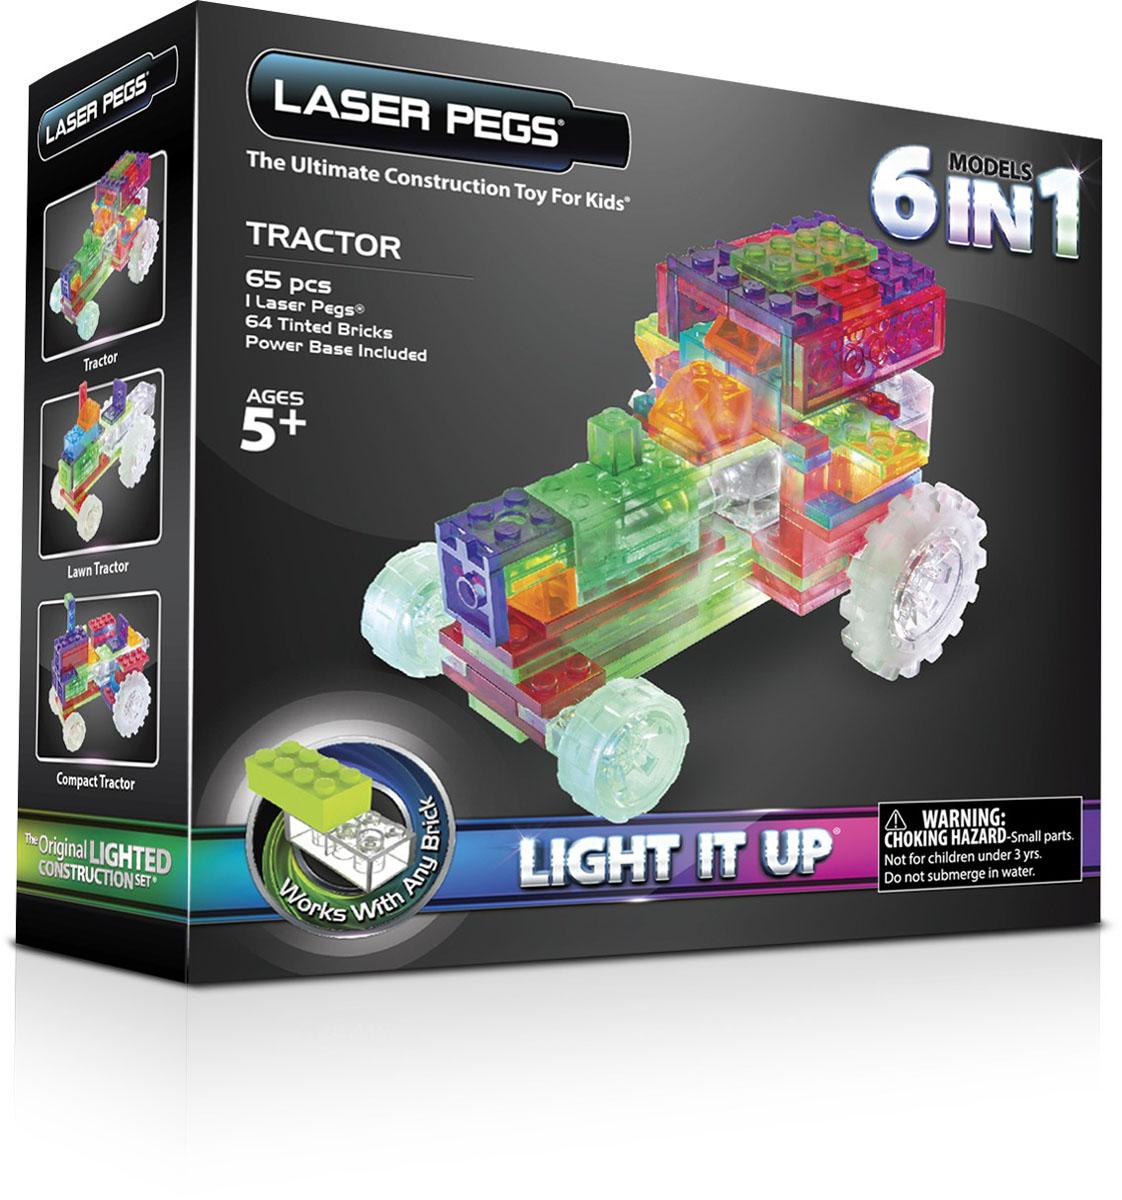 Laser Pegs Конструктор Трактор 6 в 1ZD120BЯркий конструктор Laser Pegs Трактор непременно понравится вашему малышу и не позволит ему скучать. С помощью такого конструктора малыш сможет собрать 6 разных моделей тракторов, руководствуясь инструкцией или полагаясь на свою фантазию. Конструктор выполнен из прочного пластика и включает в себя 64 элемента конструктора, 1 элемент со светодиодами, мобильный источник питания и подробную инструкцию на русском языке. Все элементы конструктора имеют яркие цвета и безопасны для малыша. У игрушки есть два режима свечения: обычный и мигающий. Ребенок сможет часами играть с этим конструктором, придумывая разные истории и комбинируя детали. Из разноцветных элементов разных форм и размеров, деталей со встроенными светодиодами ребенок создаст фигурки тракторов. При выключенном свете модели из этого конструктора выглядит особенно эффектно, фигурку можно использовать как ночник! Игры с конструкторами помогут ребенку развить воображение, внимательность, зрительное...